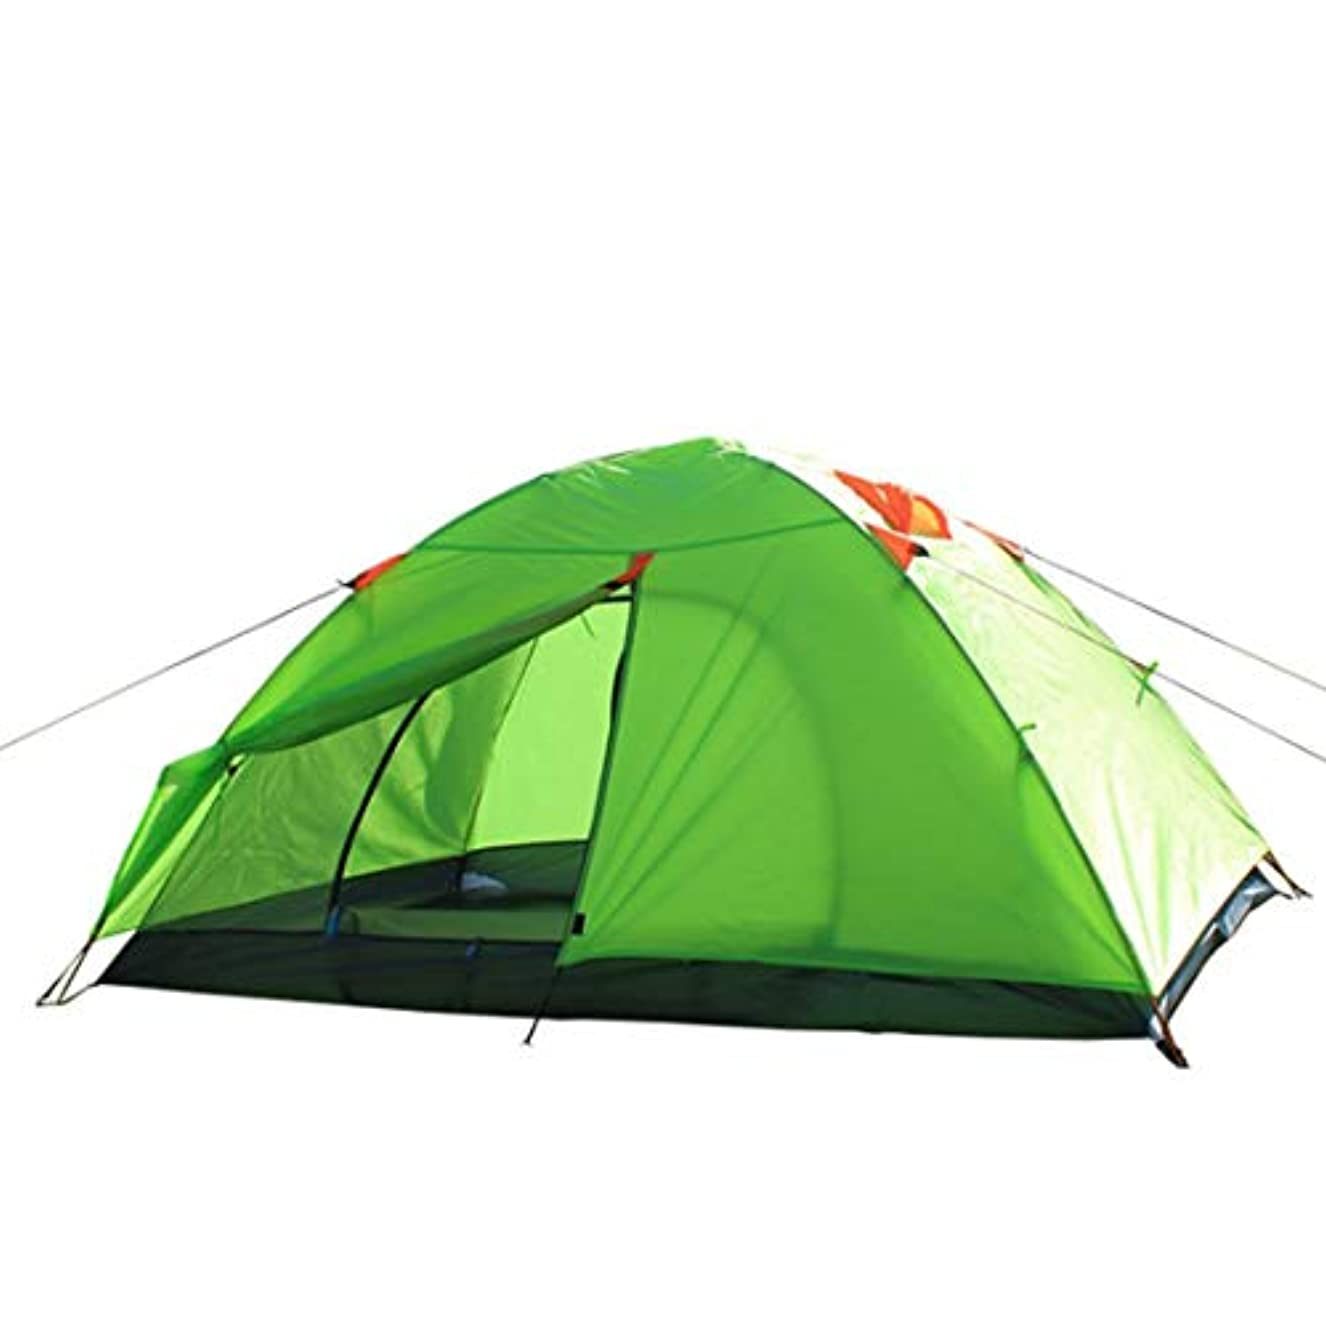 材料チョップ論争的Nekovan 2人用キャンプテント4シーズンダブルレインプロテクションバックパッキングテント屋外スポーツ用に組み立てる必要があります (色 : オレンジ)